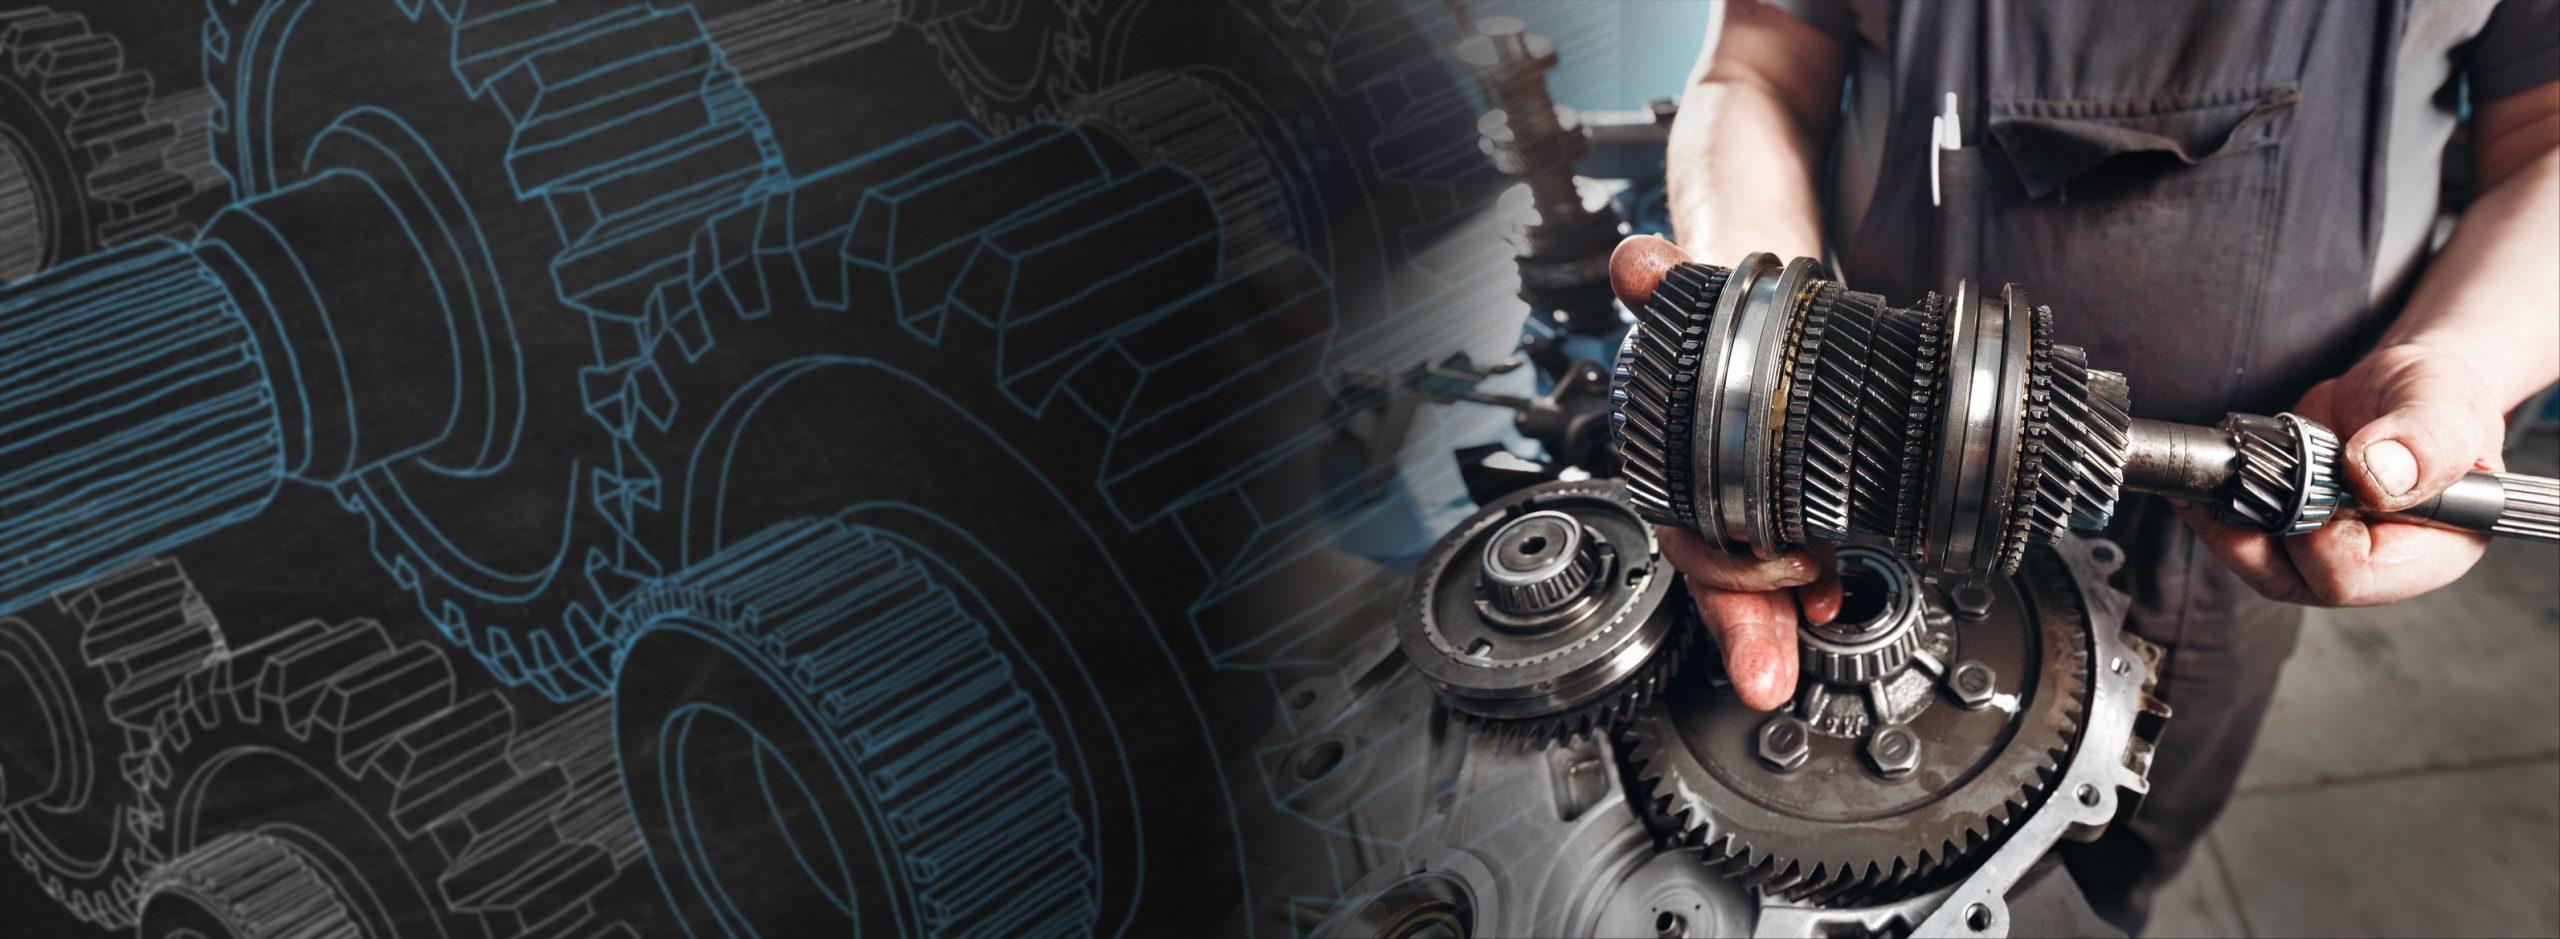 Transmission Digest Brand Page Header